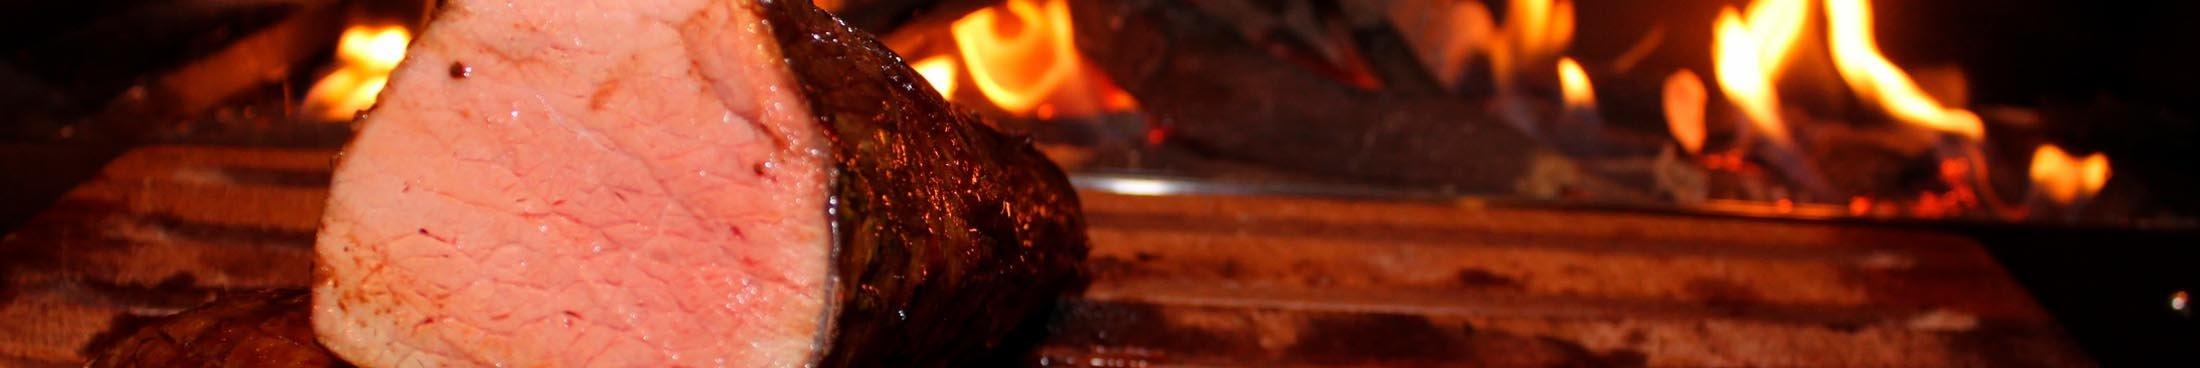 grillbuffet-en